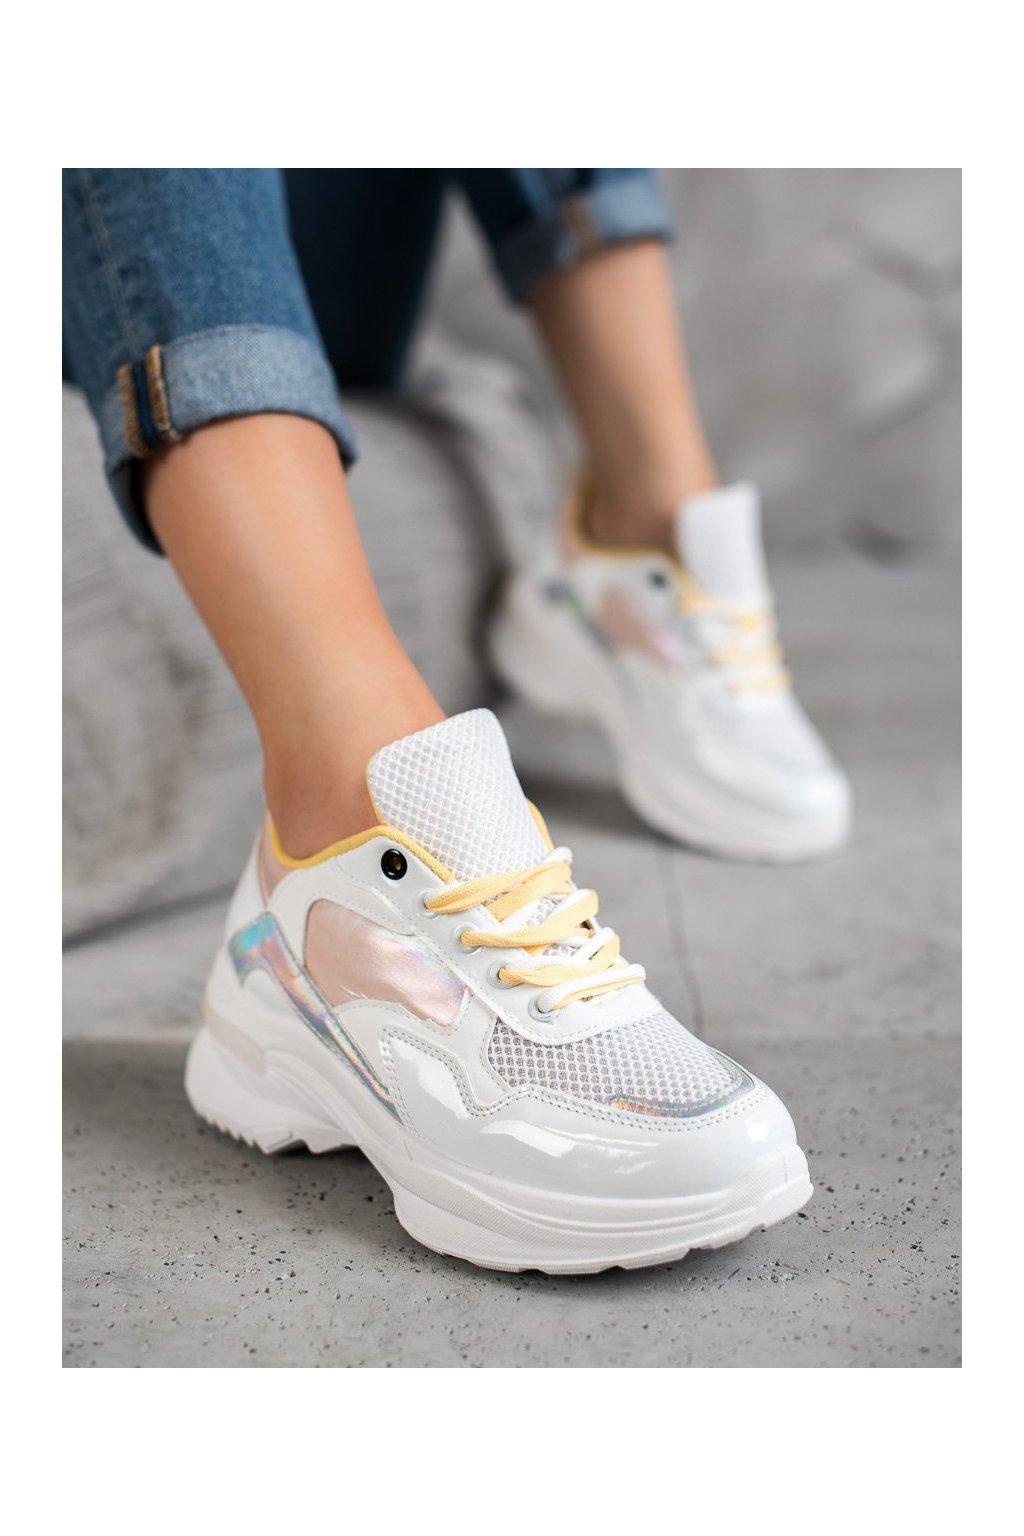 Biele tenisky Shelovet kod BO-537W/Y